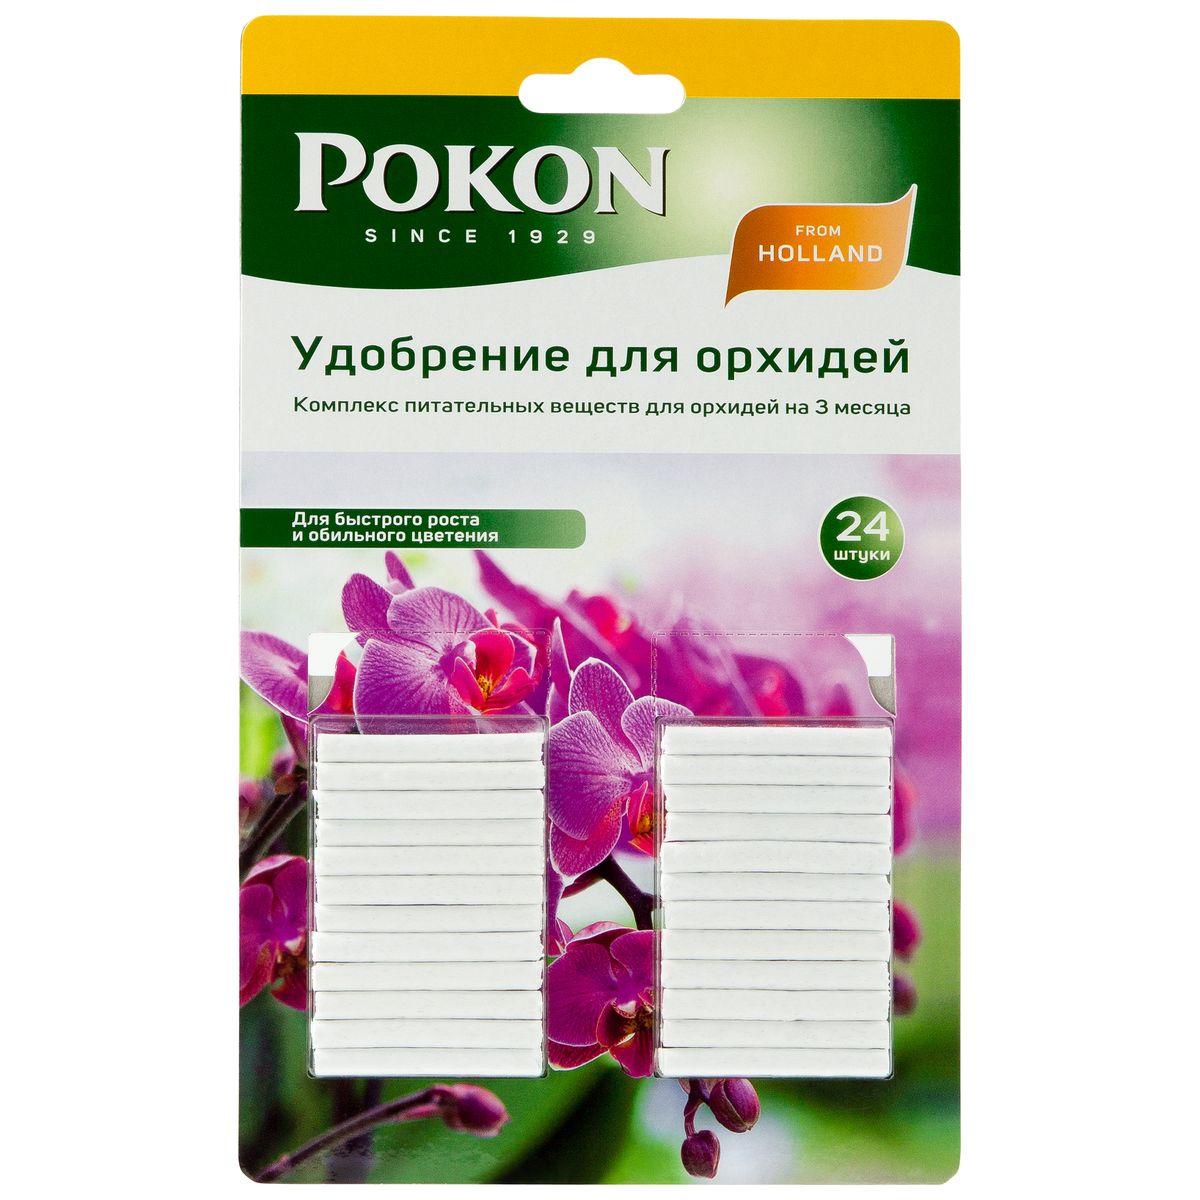 Удобрение Pokon для орхидей, в палочках, 24 штC0042416Удобрение Pokon для орхидей в палочках:NPK 14 + 7 + 8 с добавкой 2 MgO.Удобрение в палочках Pokon содержит тщательно подобранные питательные вещества, сбалансированные для орхидей. Эта высококачественная смесь способствует обильному и продолжительному цветению.Инструкция по применению:- Измерьте диаметр горшка с растением и определите нужное количество палочек по прилагаемой таблице.- Полностью воткните палочки в грунт, равномерно распределив их вокруг растения.- Полейте грунт, и удобрение немедленно начнет действовать.- Добавляйте новые палочки каждые три месяца.Состав:14% — общее содержание азота (N);2% — аммонийный азот;2% — мочевинный азот;9,7% — азот, полученный из мочевинного формальдегида, в том числе:2,2% — азот, растворимый в холодной воде;1,1% — азот, растворимый в горячей воде;7,0% — безводная фосфорная кислота (P2O5), растворимая в нейтральном цитрате аммония и воде;8,0% — водорастворимый оксид калия (K2O);2,0% — оксид магния (MgO).Низкое содержание хлора (Сl).Удобрение соответствует нормам ЕС.